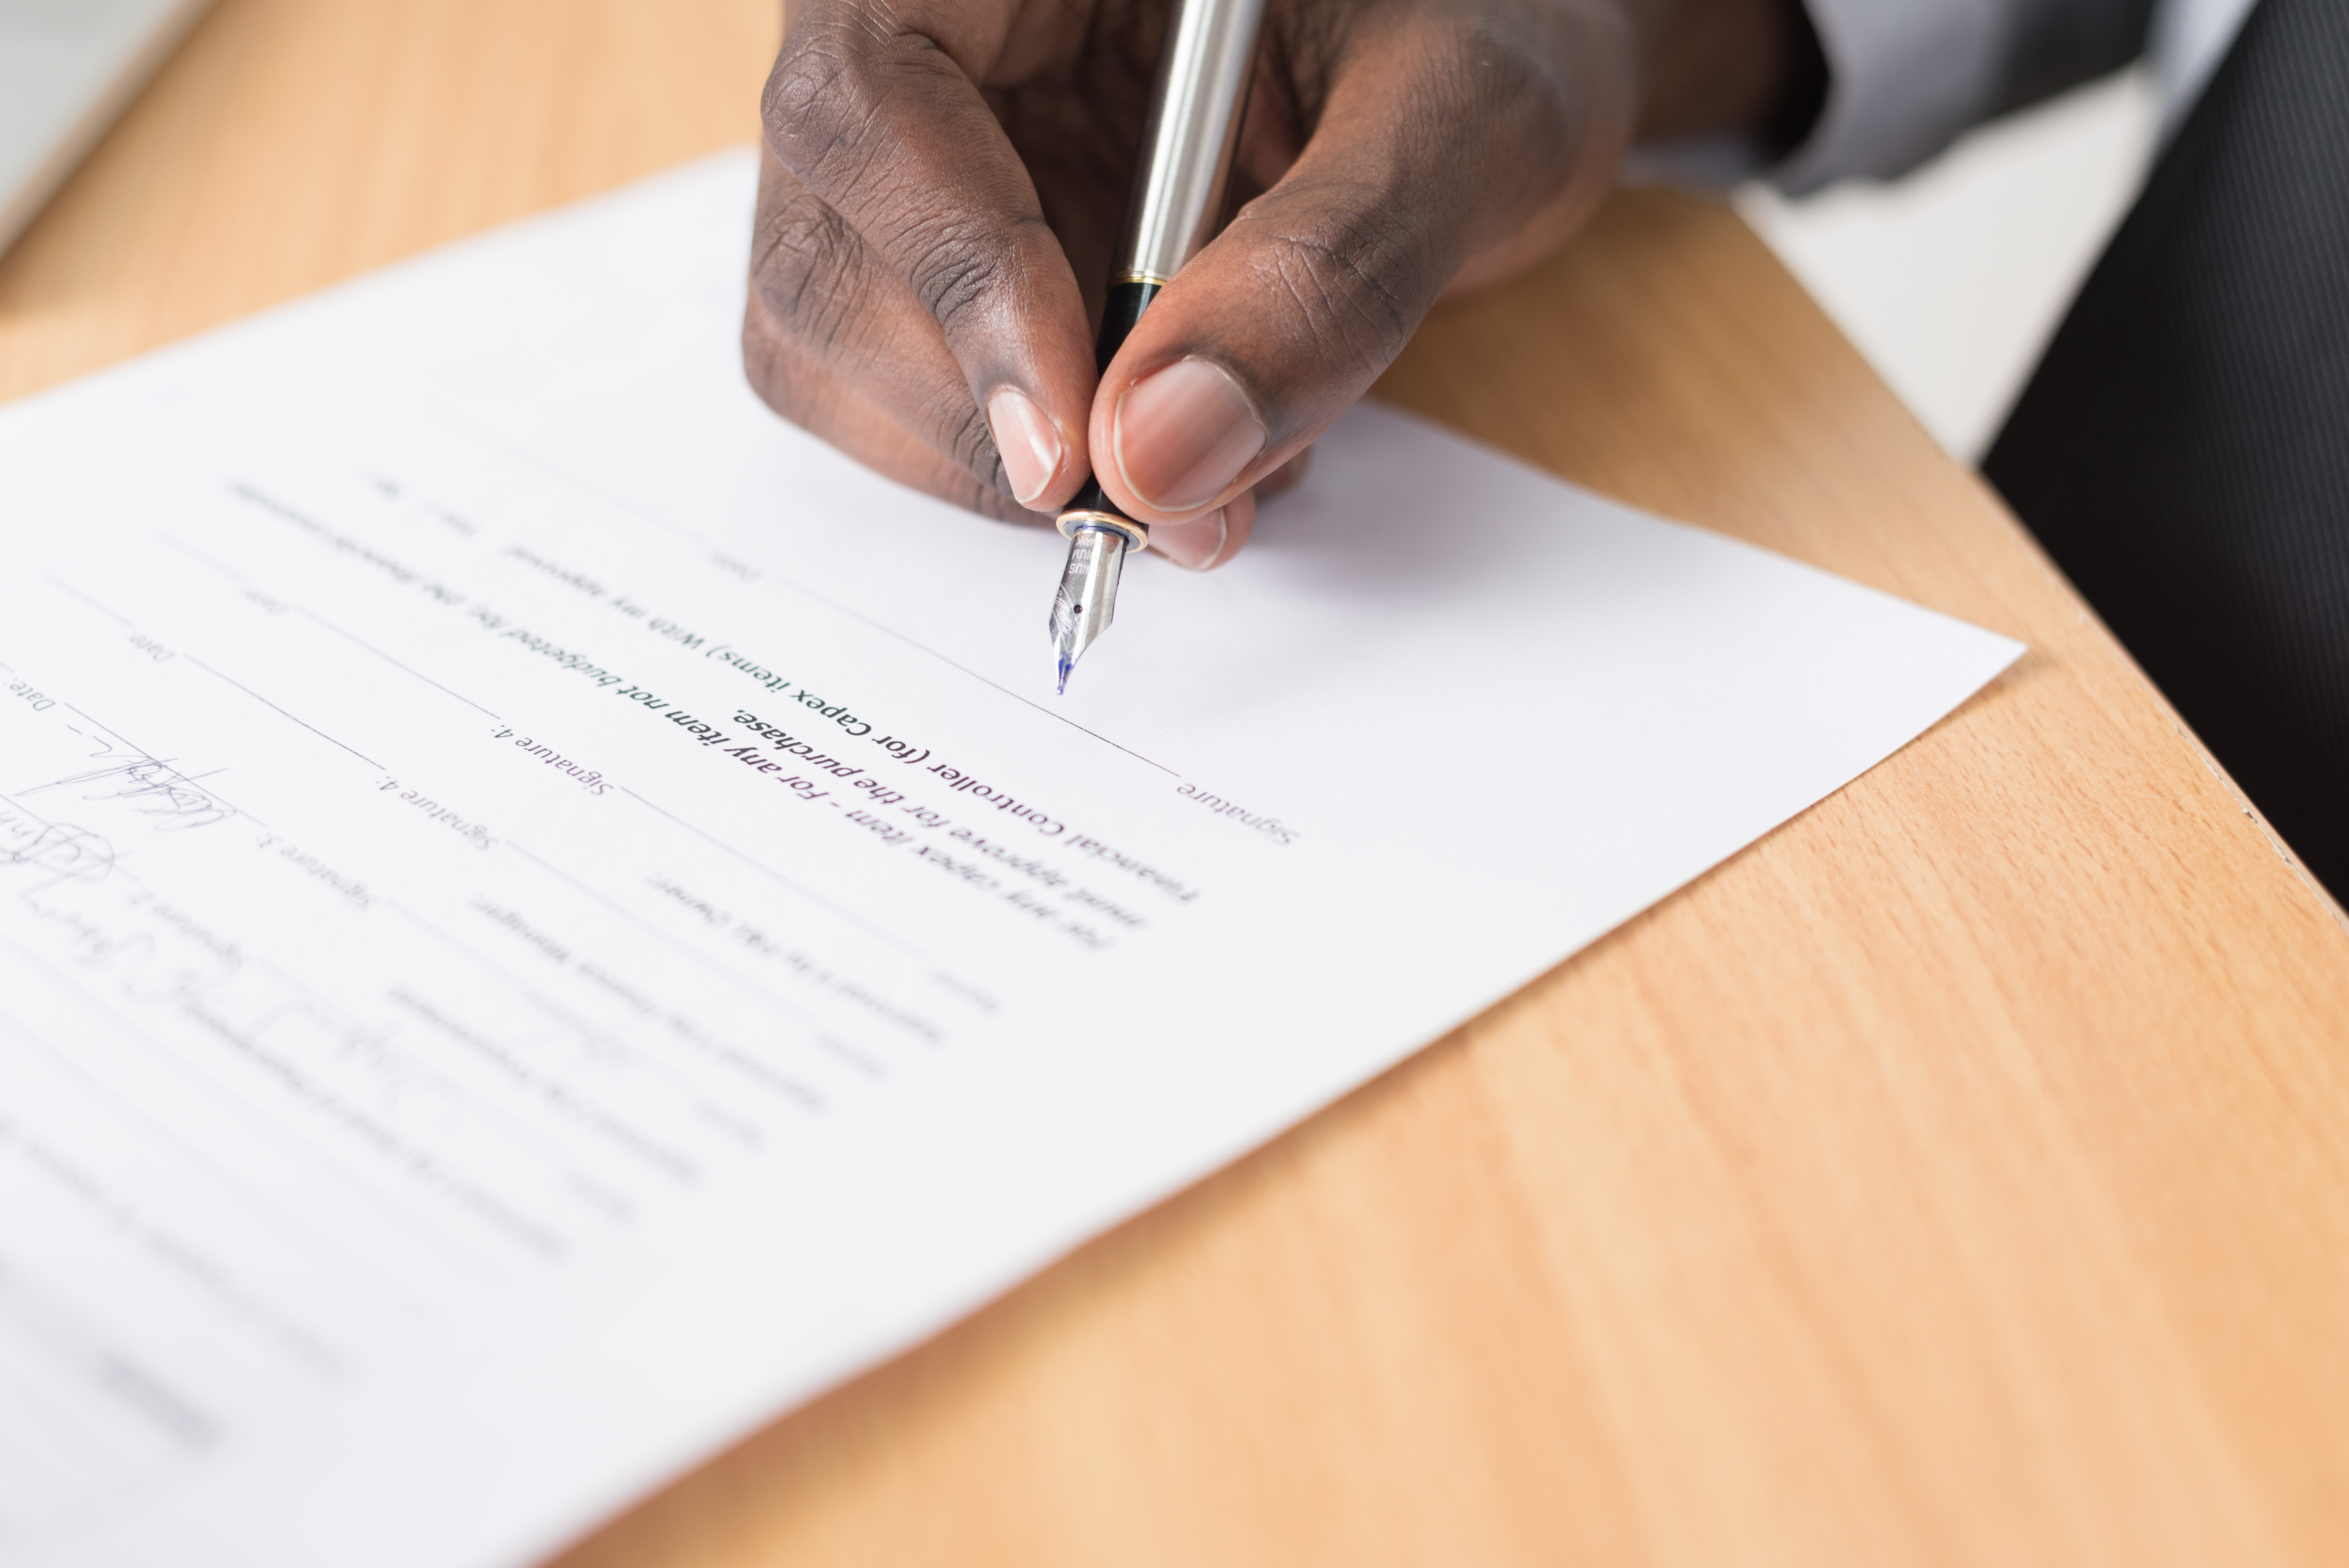 Rekojmia za wady - na co uważać przy podpisywaniu umowy?